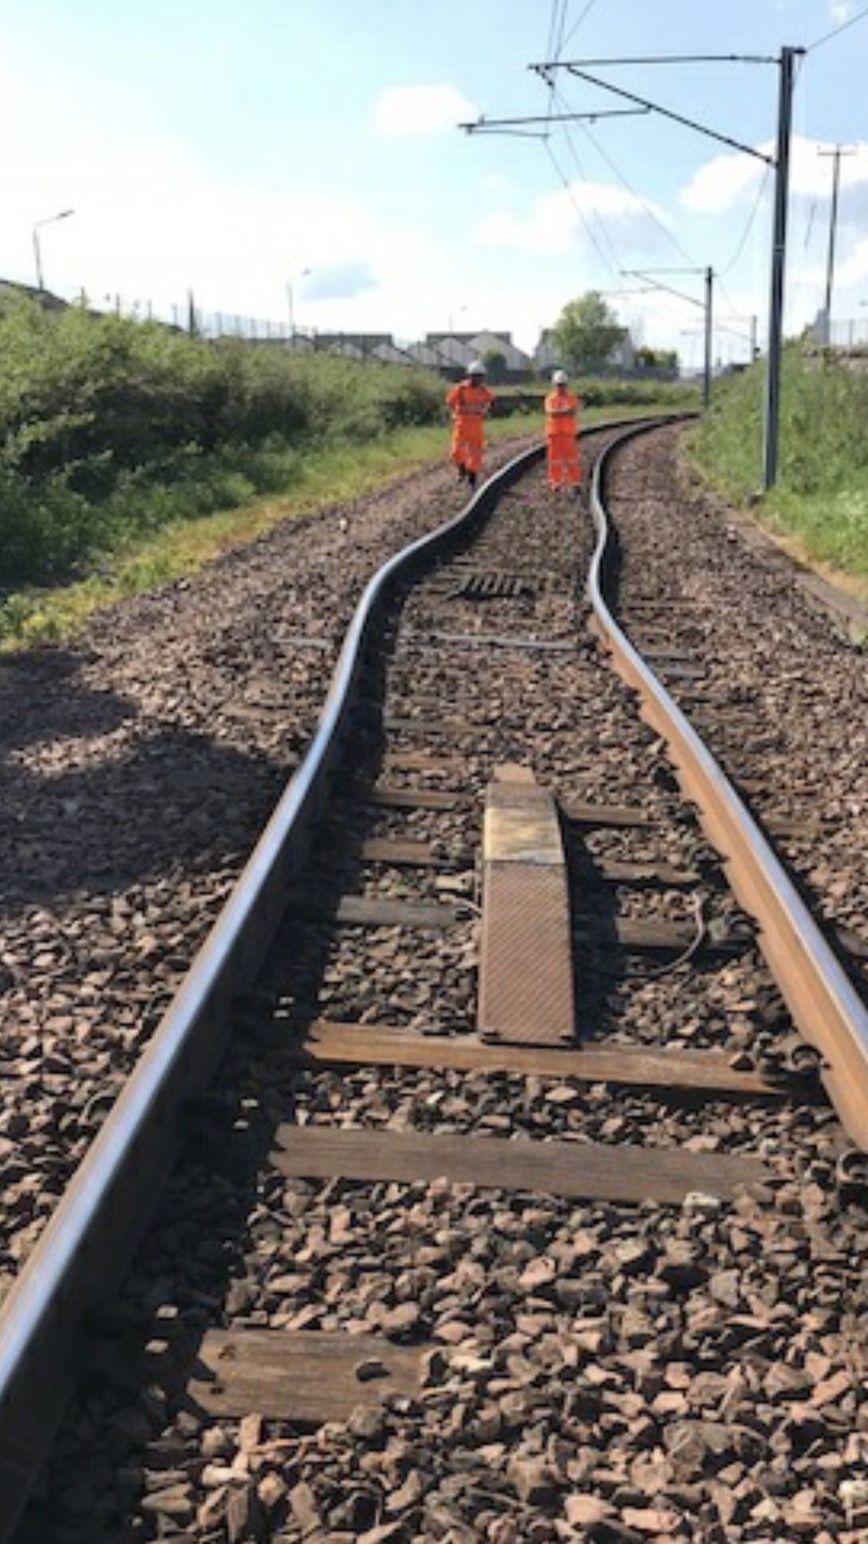 Buckled rails at Wishaw near Glasgow - 28 May 2018